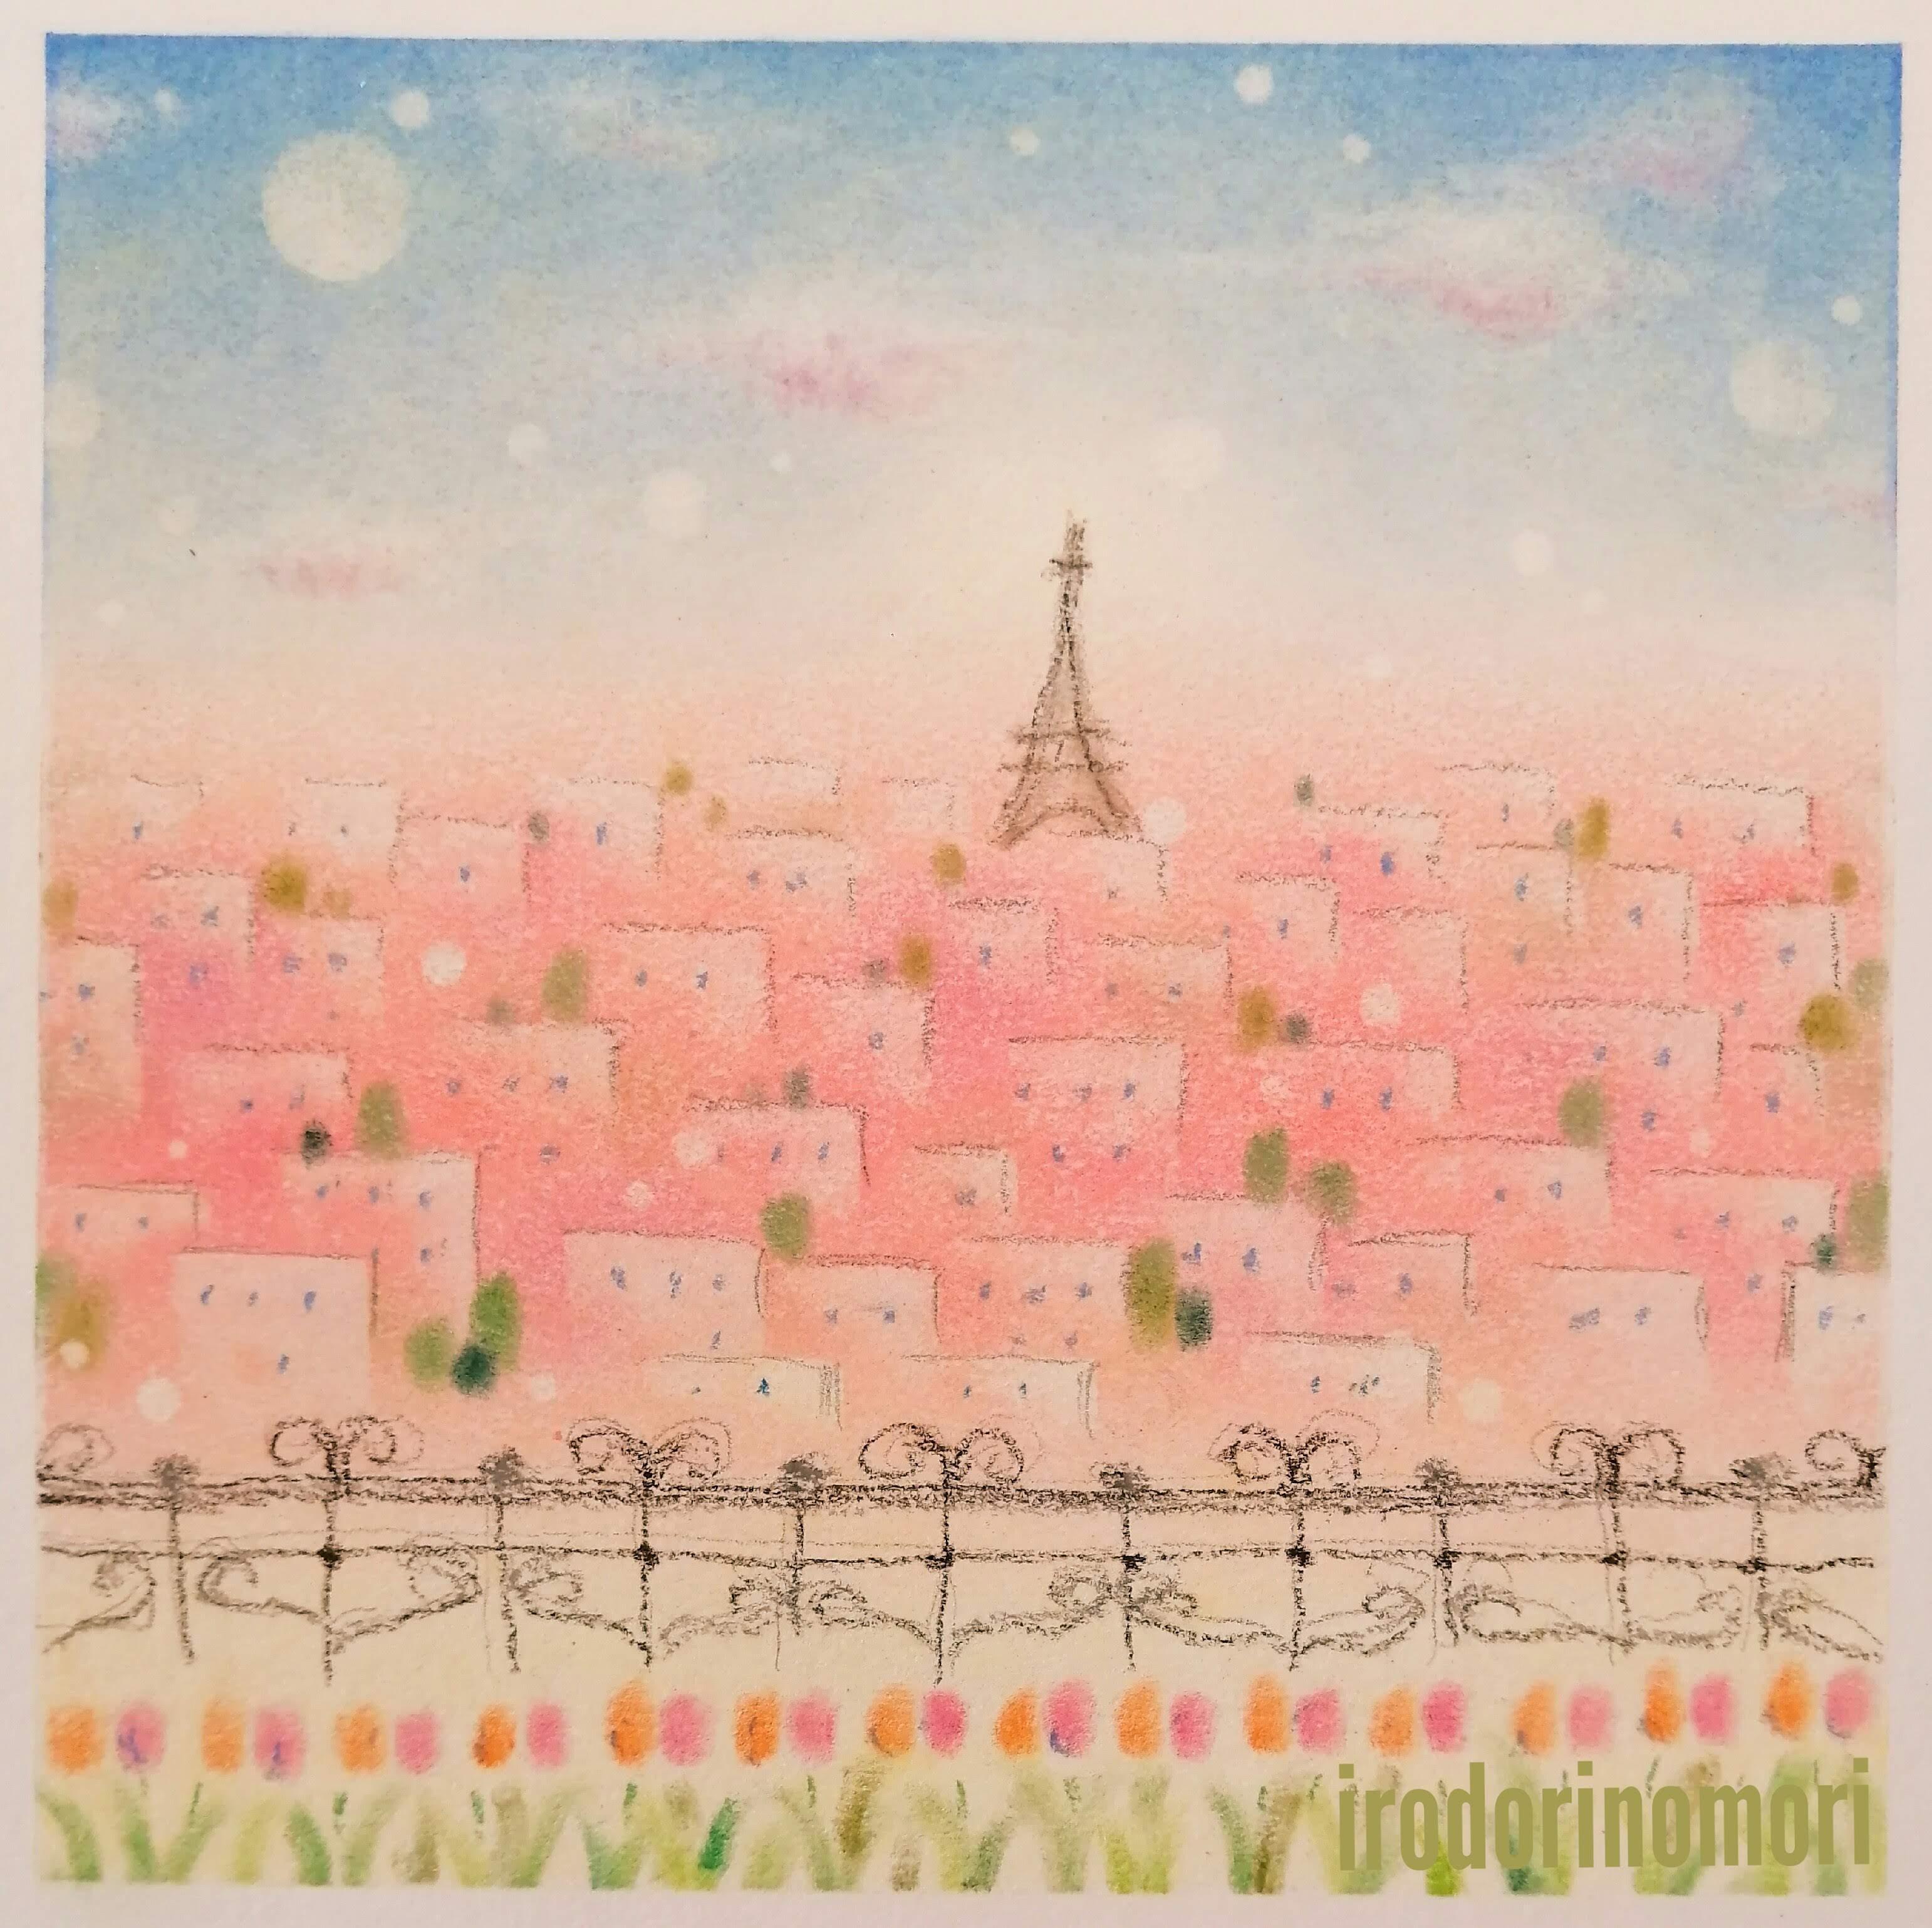 パリの街並み ★★★☆☆